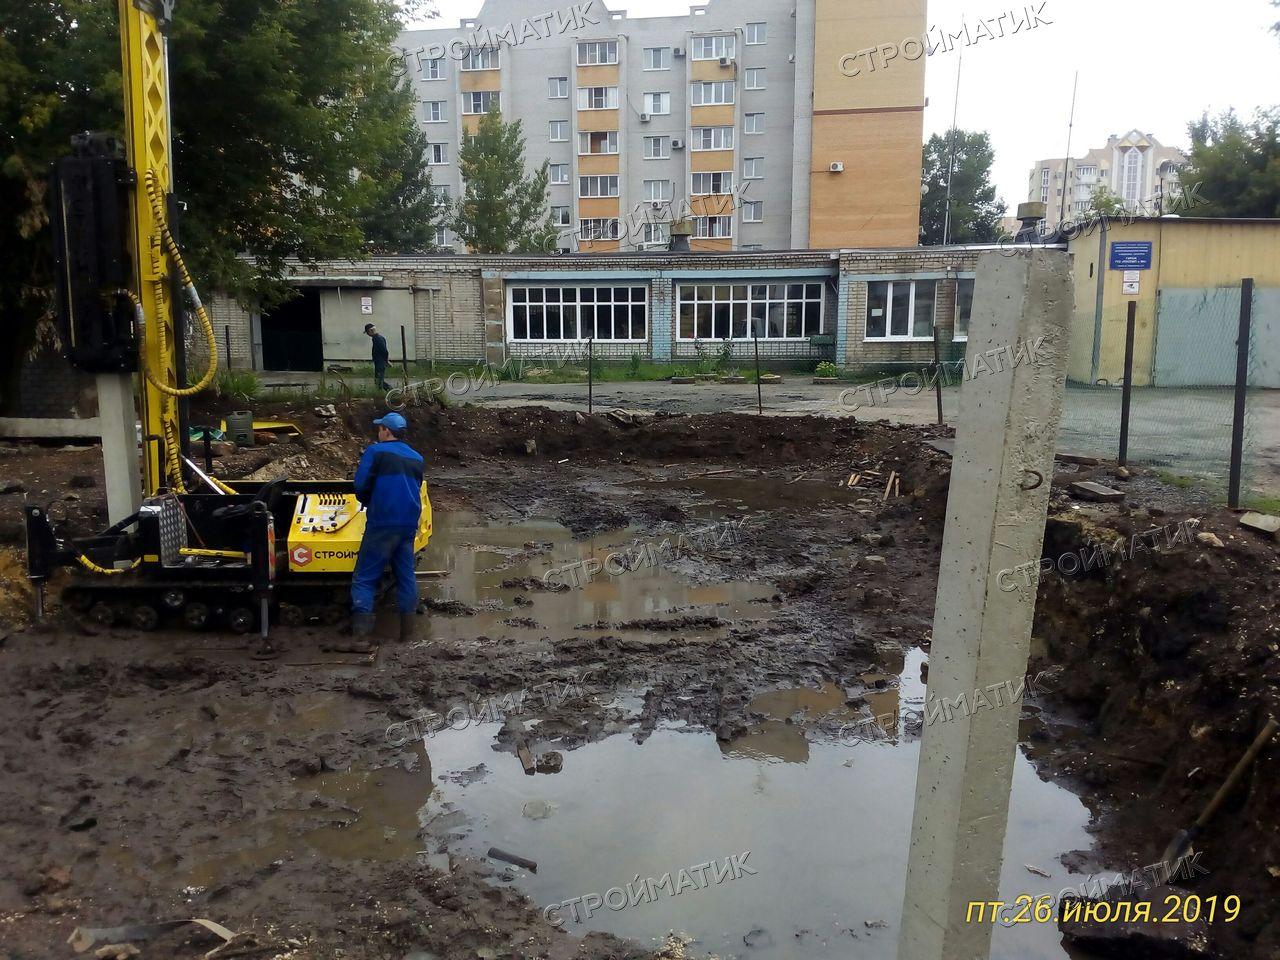 Свайный фундамент кирпичного строения в Липецке